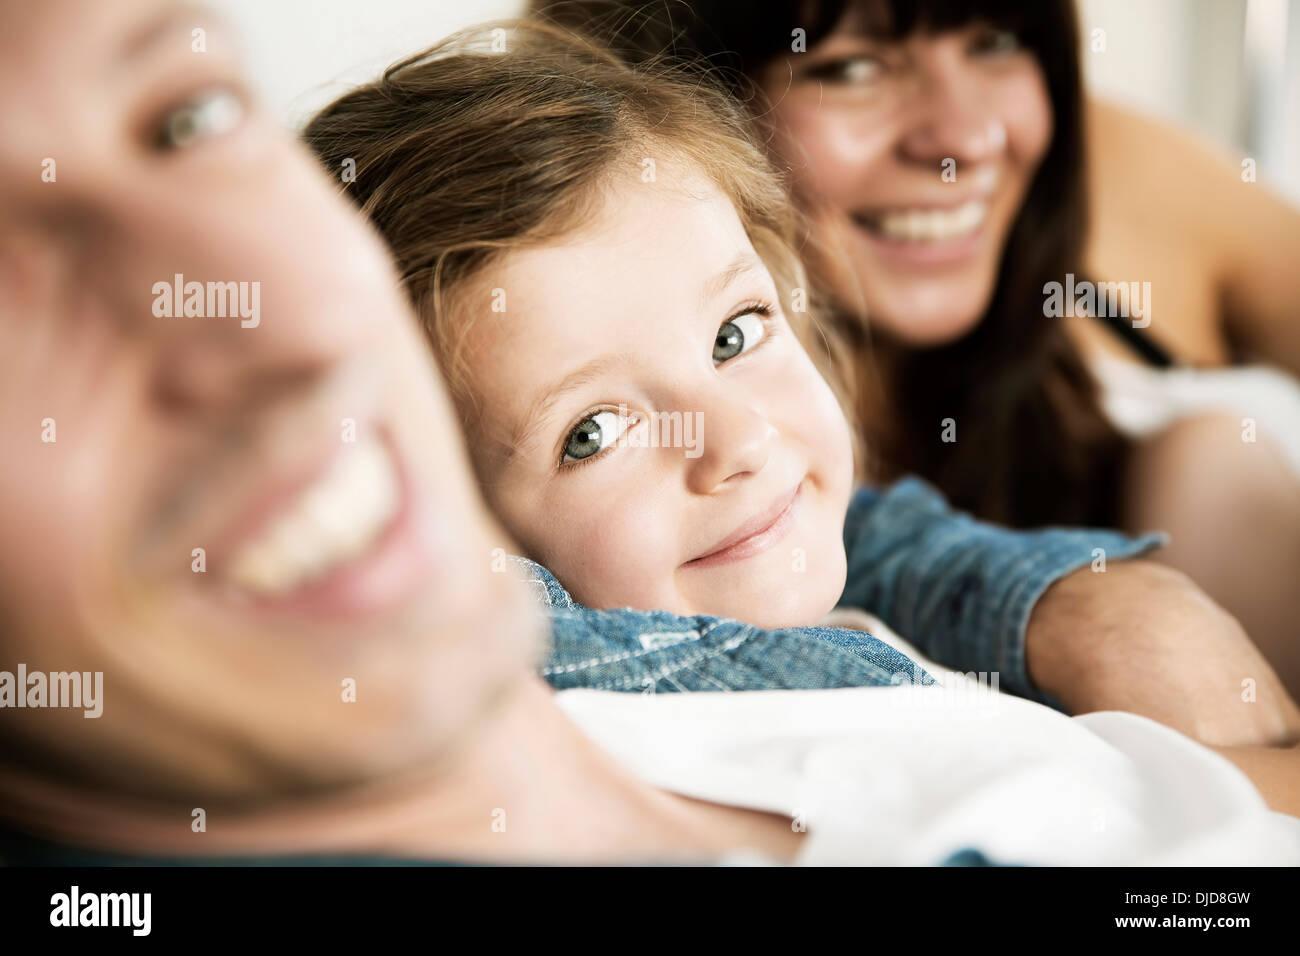 Los padres jóvenes con pequeña hija sentado en el sofá en casa, close-up Imagen De Stock